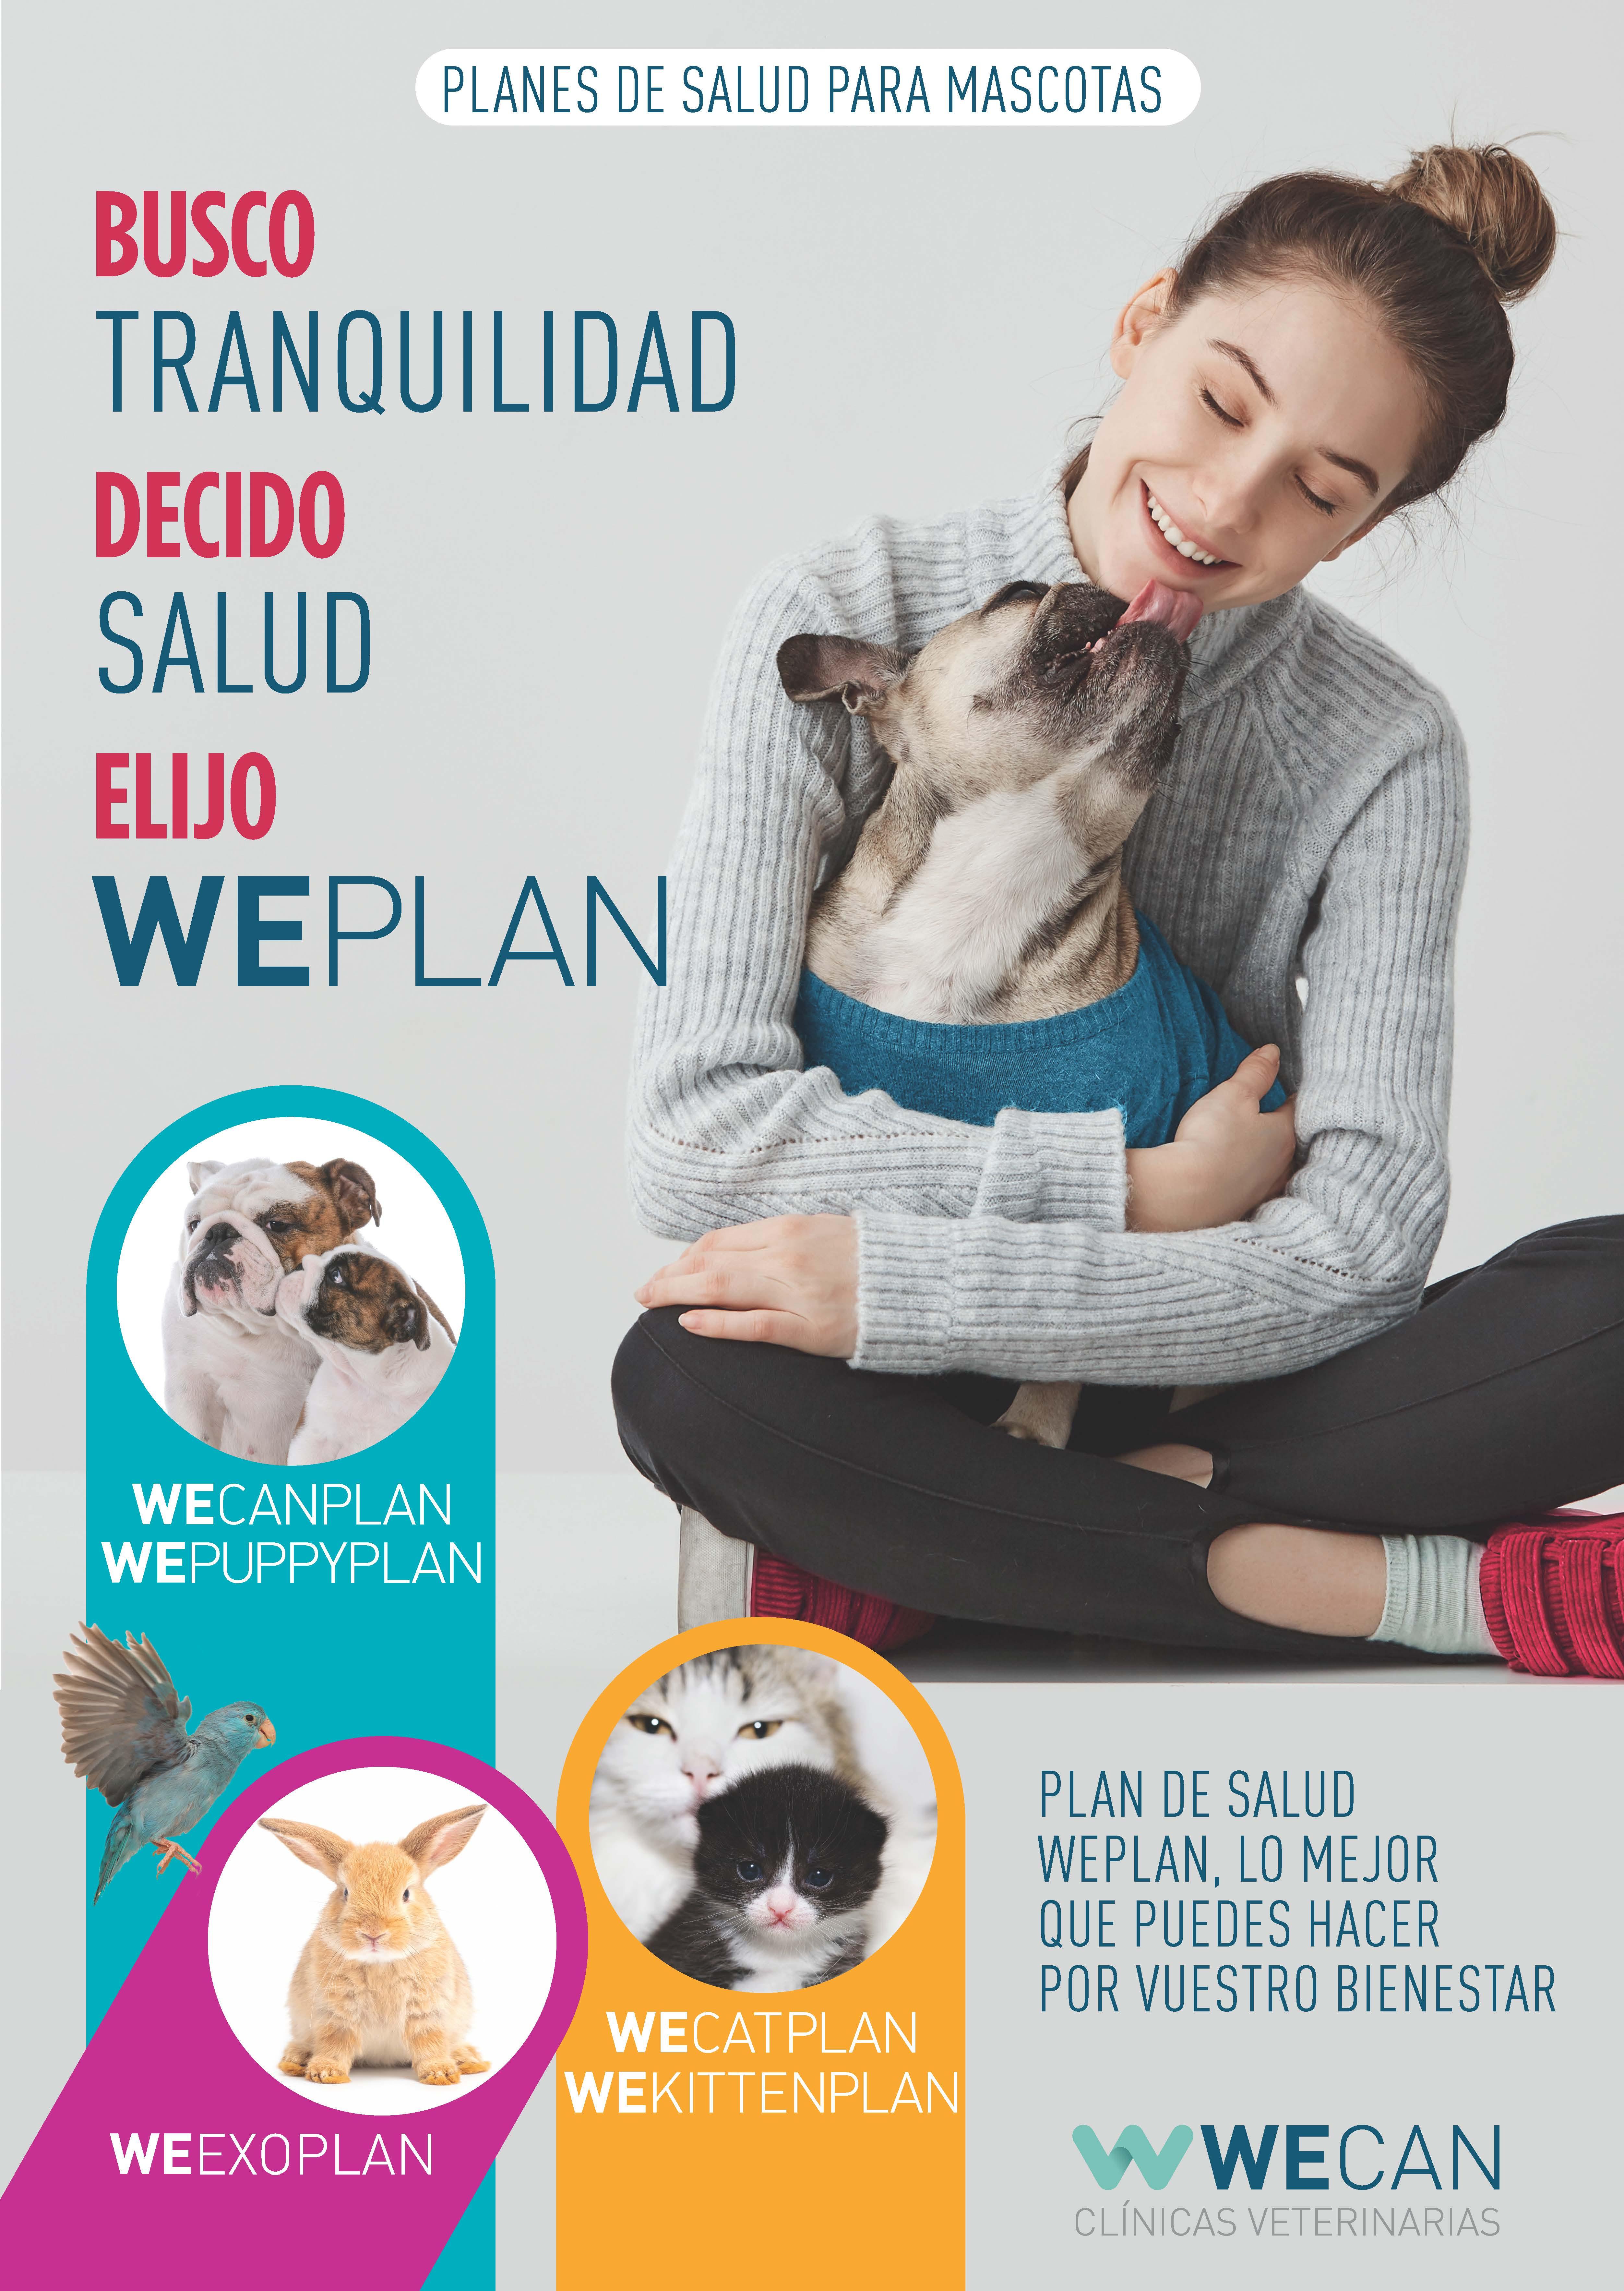 Llegó la Campaña de los Planes de Salud WePlan